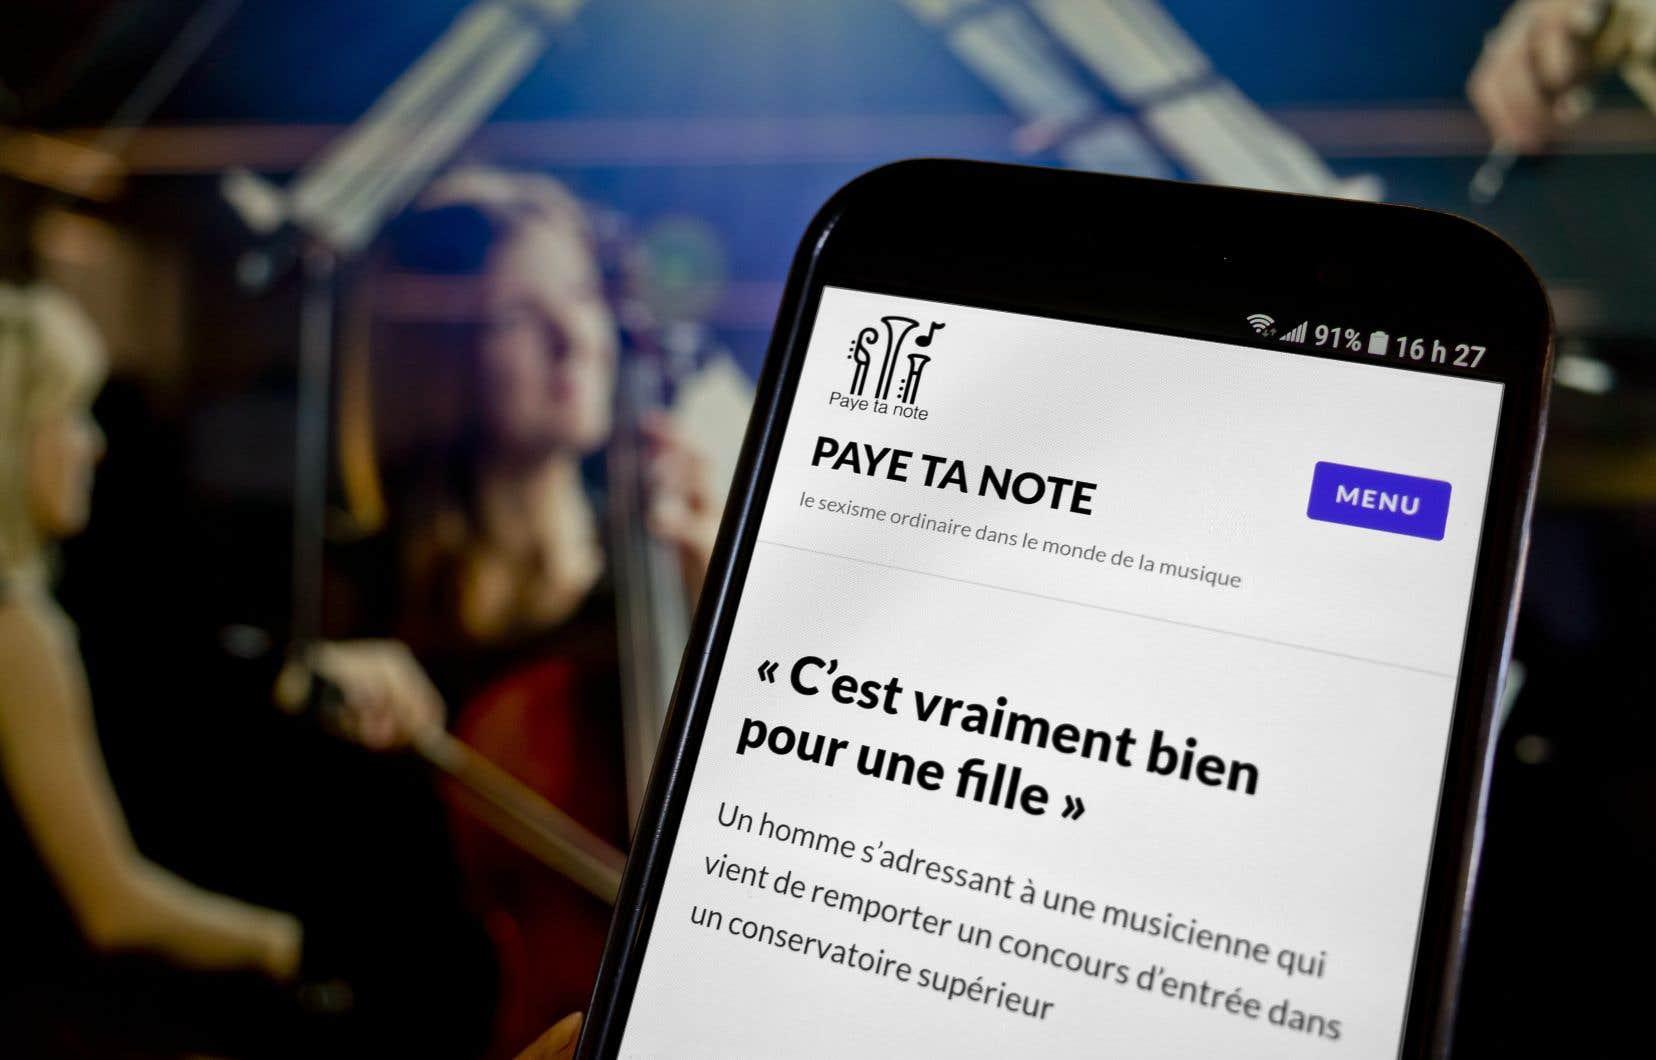 Le site internet Paye ta note s'attaque au harcèlement sexuel dans le milieu de la musique.